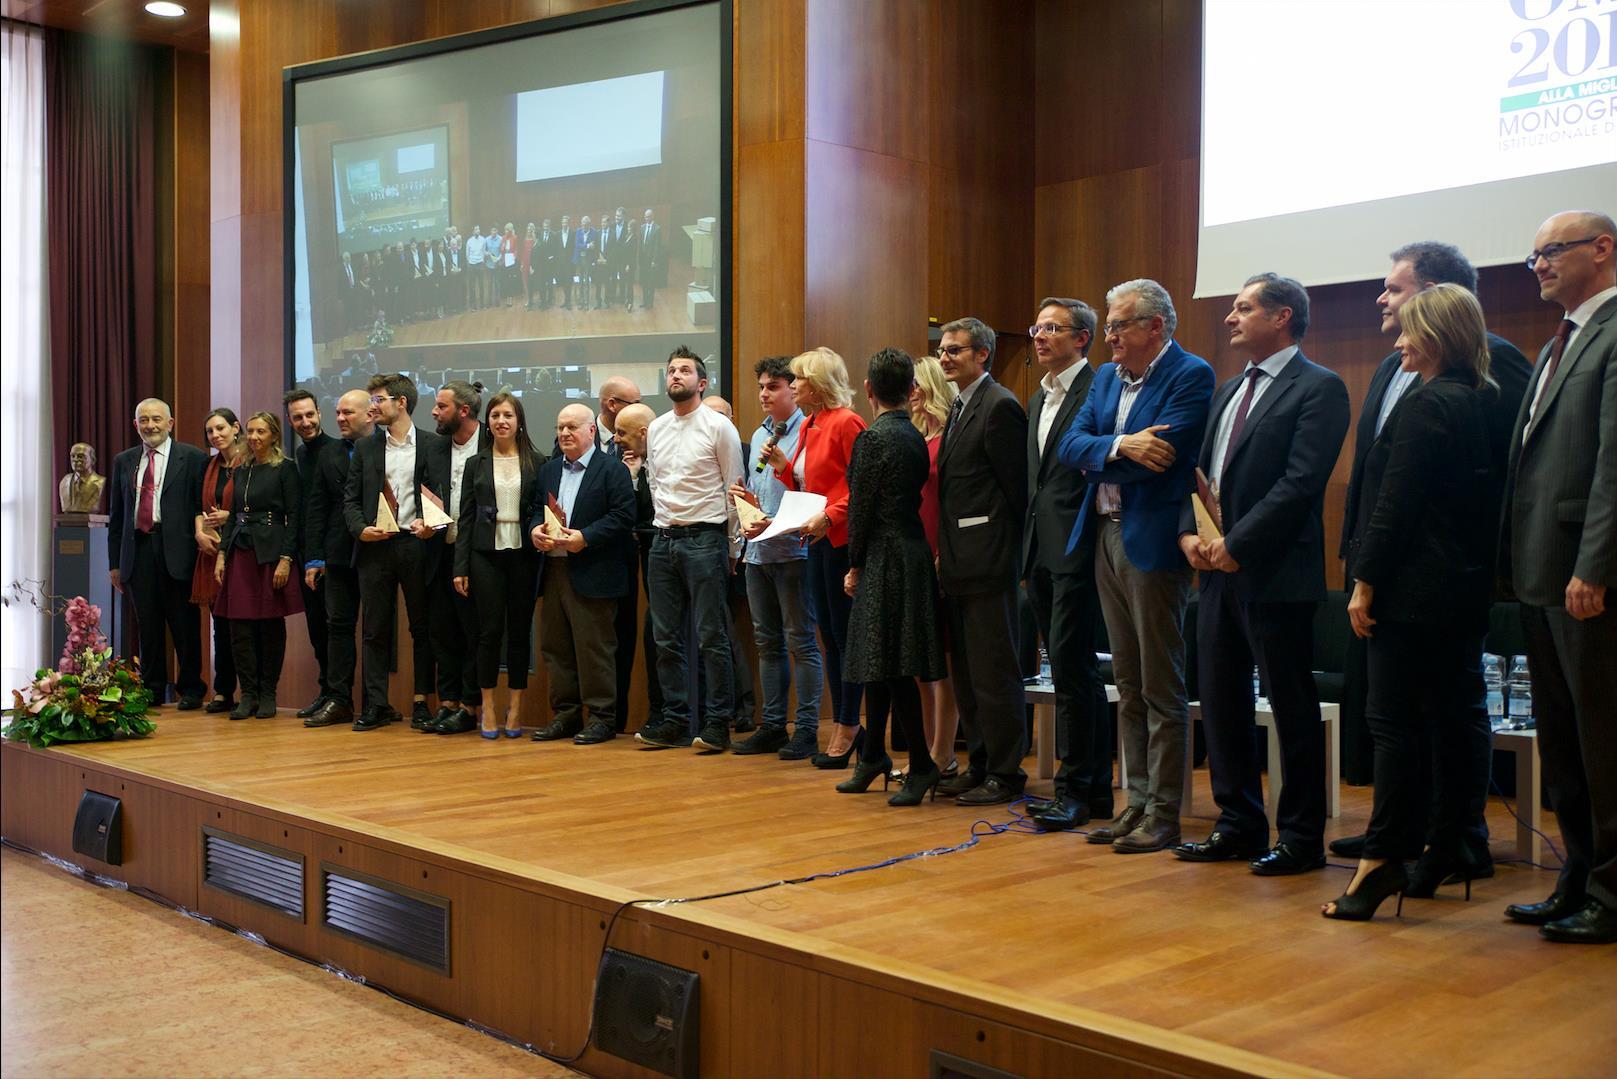 All 39 universit di verona la consegna dei premi omi 2018 for Velux italia spa